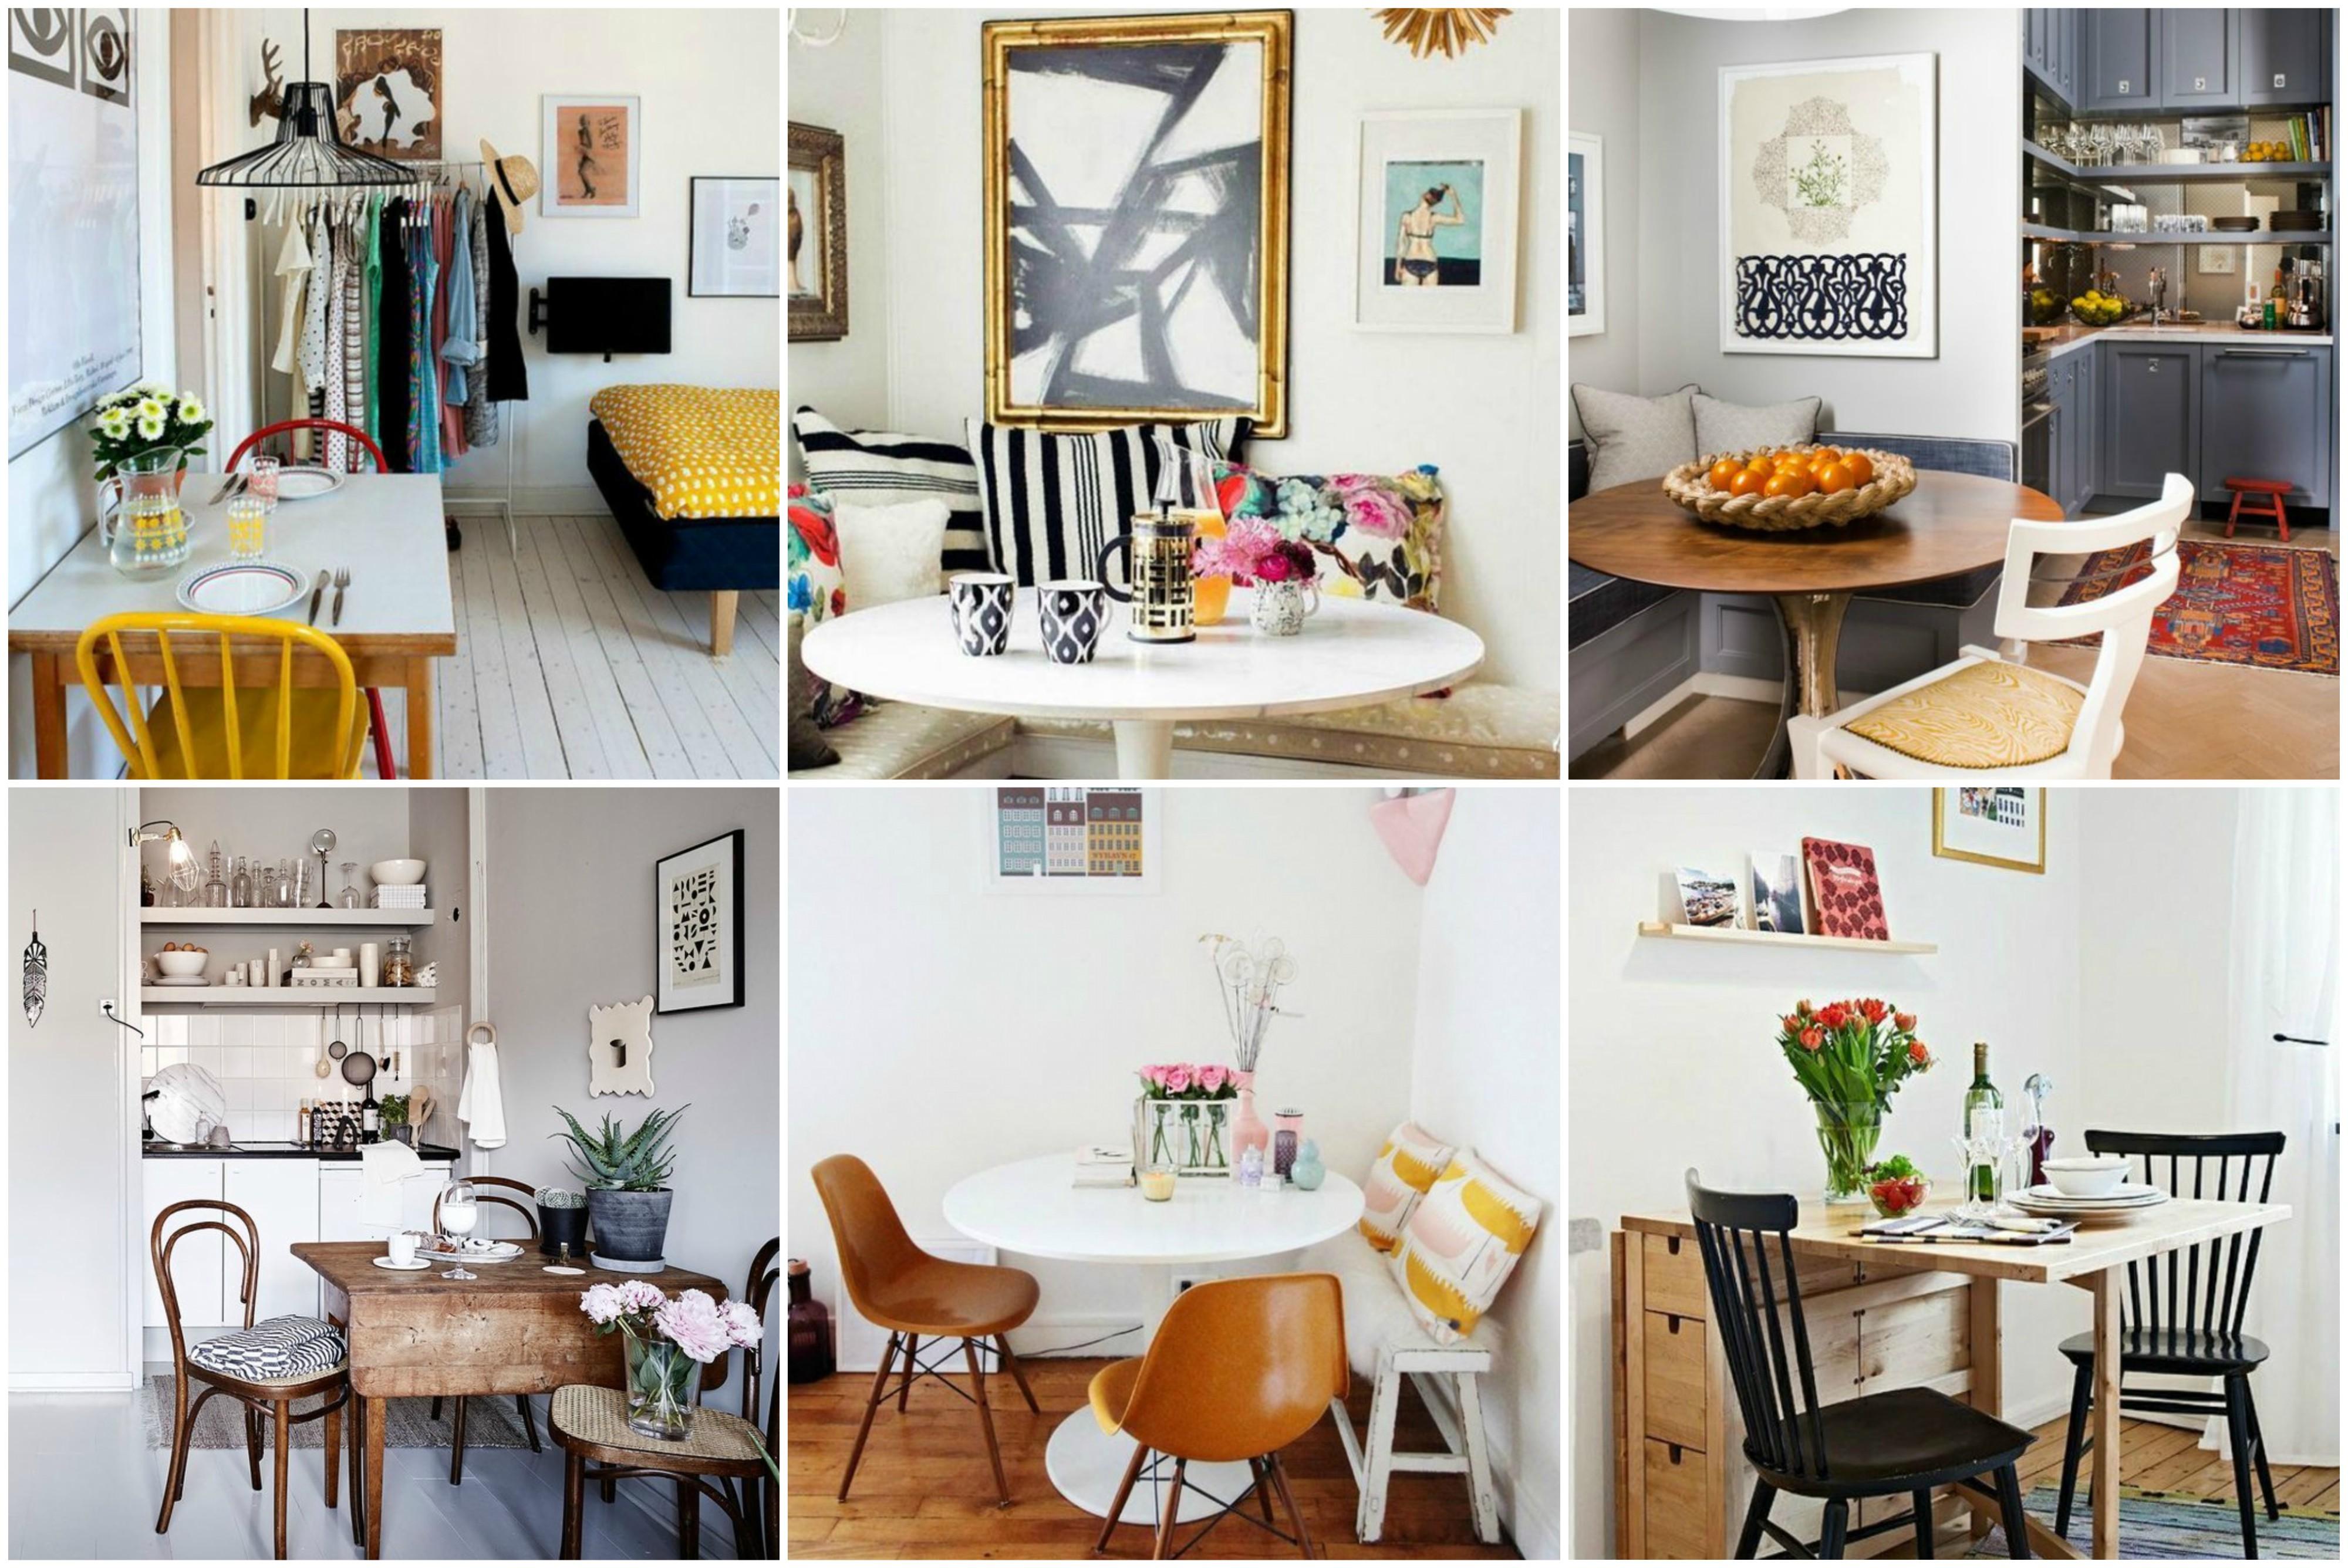 idee f r die kleinsten k chen eine stilvolle essecke einrichten. Black Bedroom Furniture Sets. Home Design Ideas